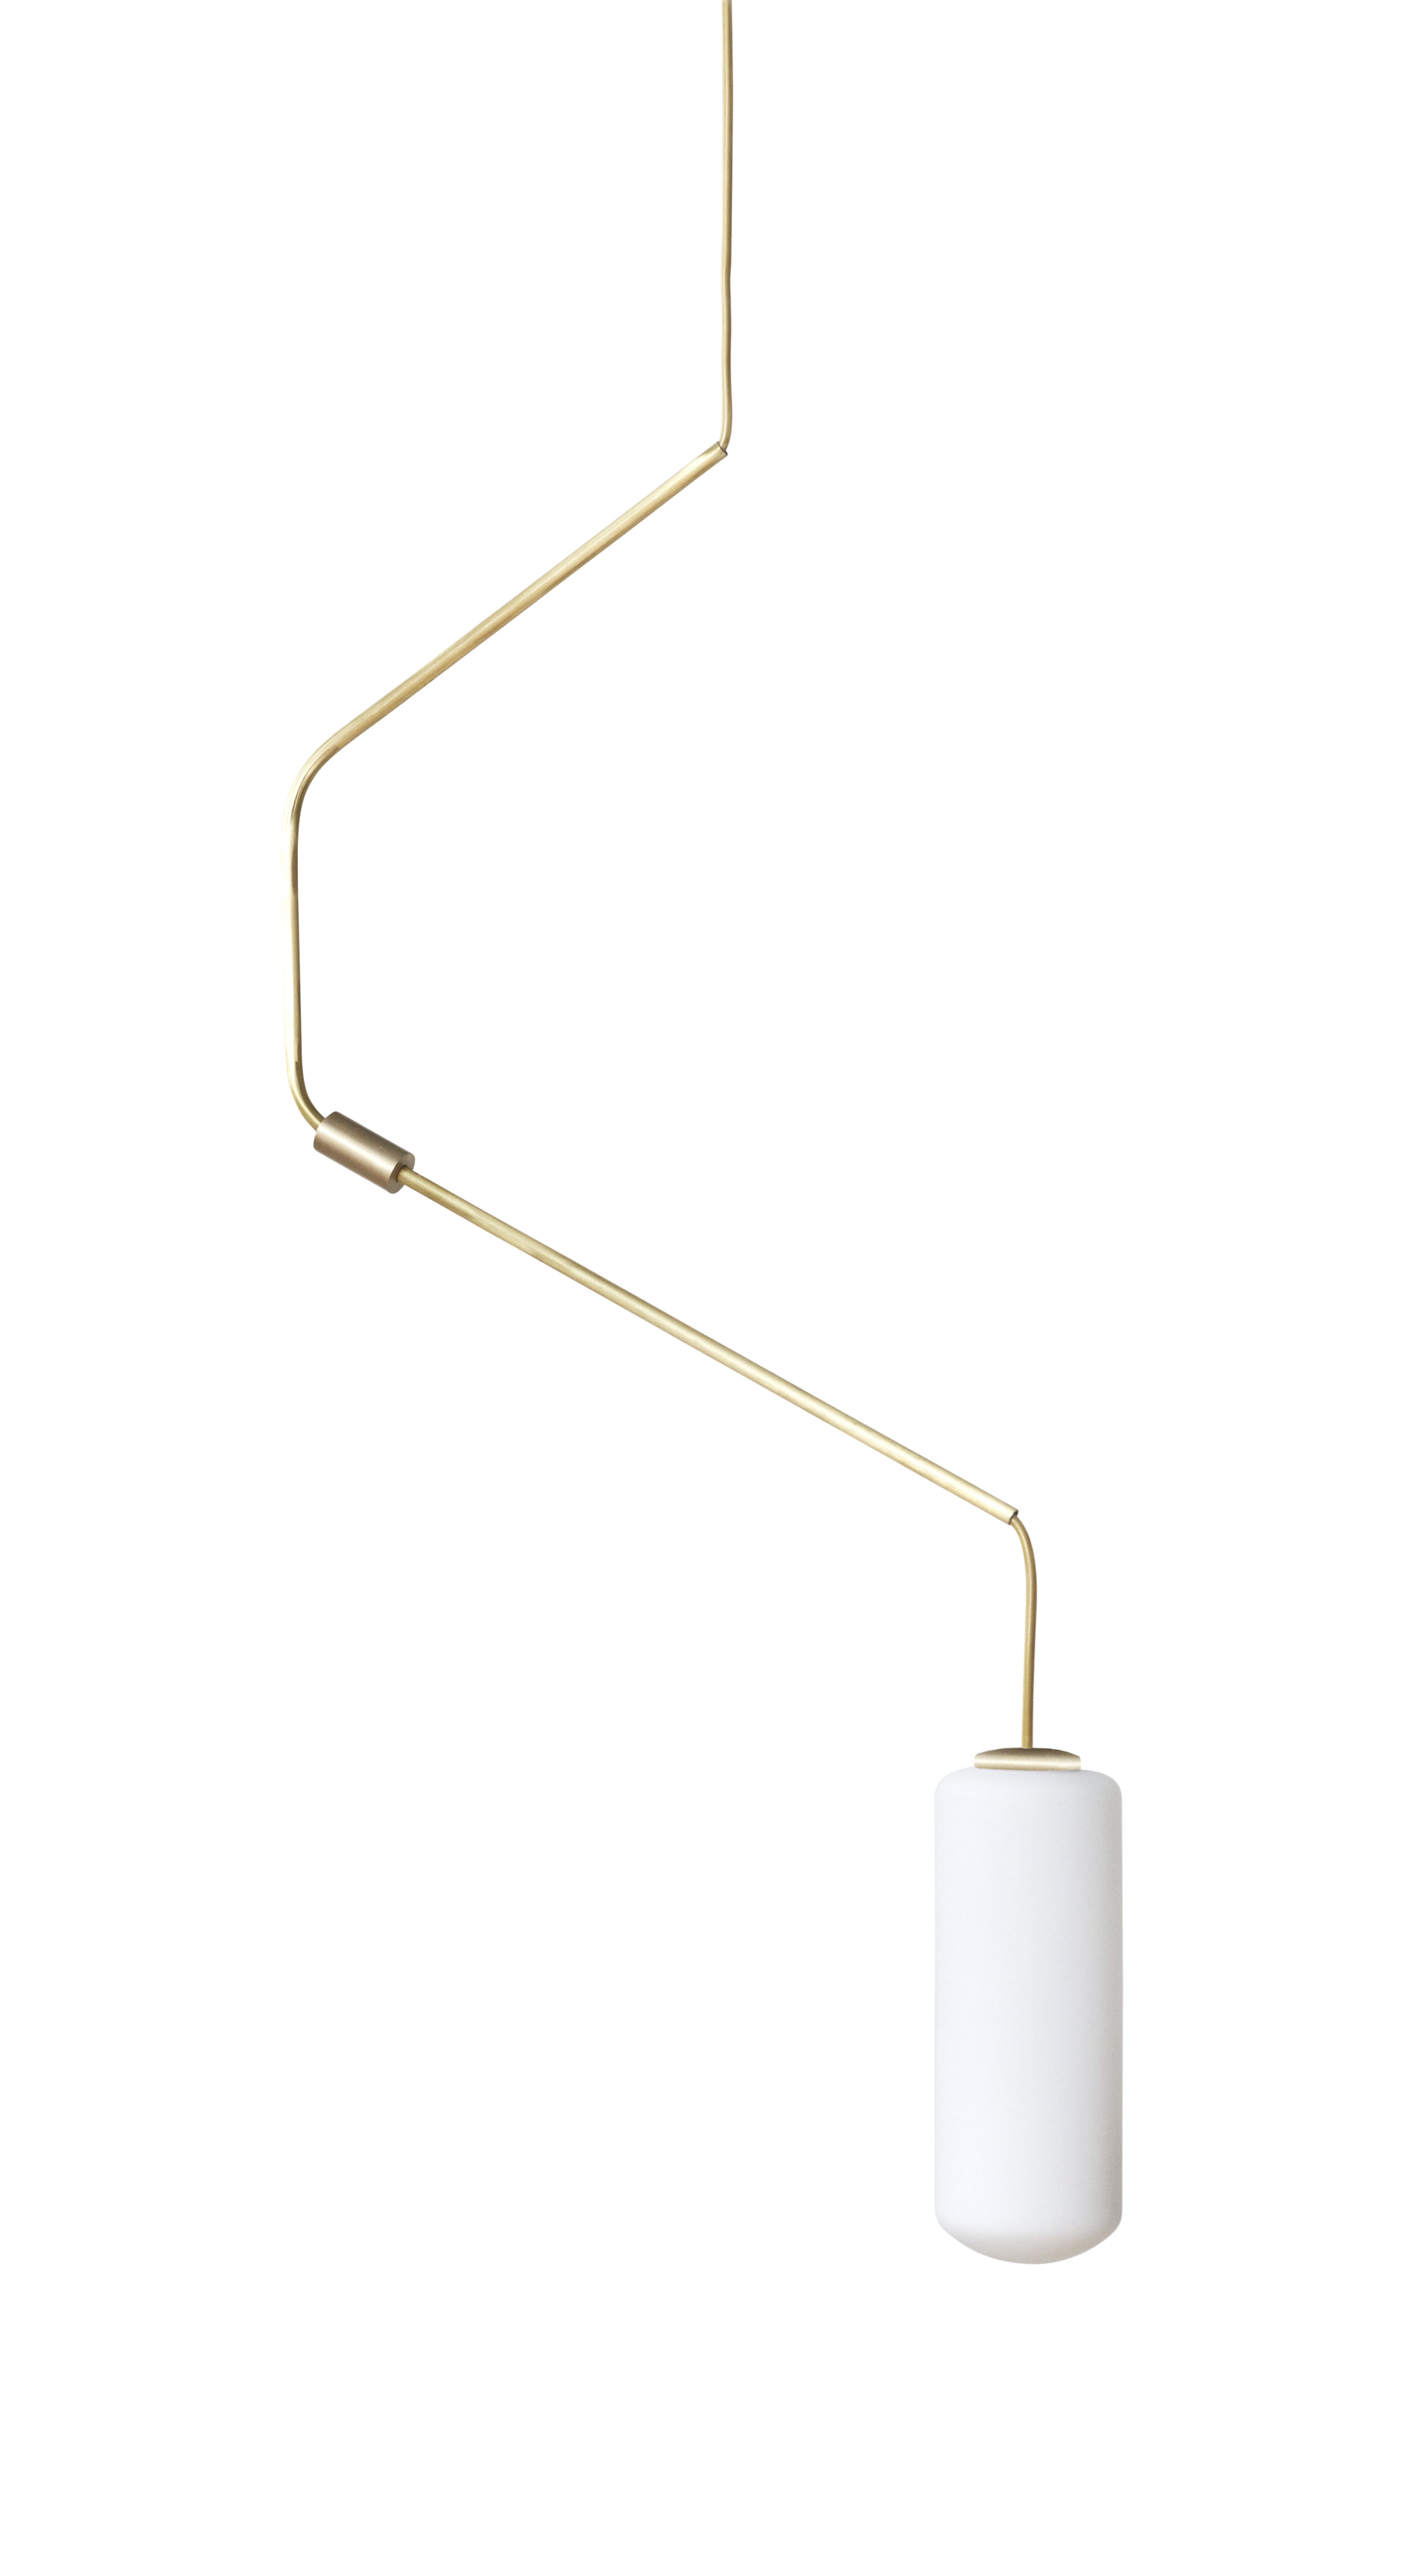 Illuminazione - Lampadari - Sospensione Ventus n°1 - H 87 cm - / Vetro & ottone di Frama  - n° 1 / Ottone - Ottone, Vetro opalino